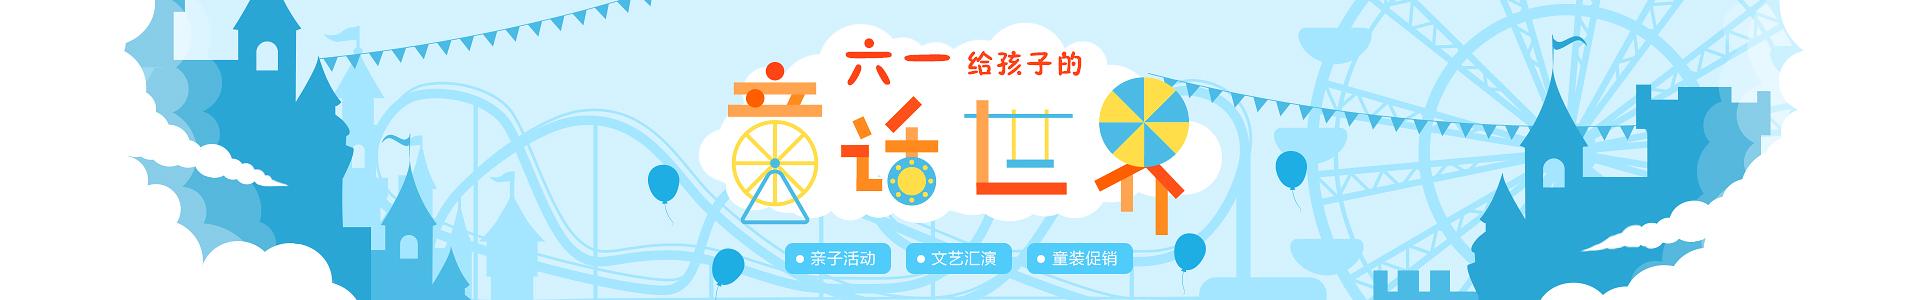 六一儿童节_61宝宝相册_游乐场活动教育机构招生商家促销